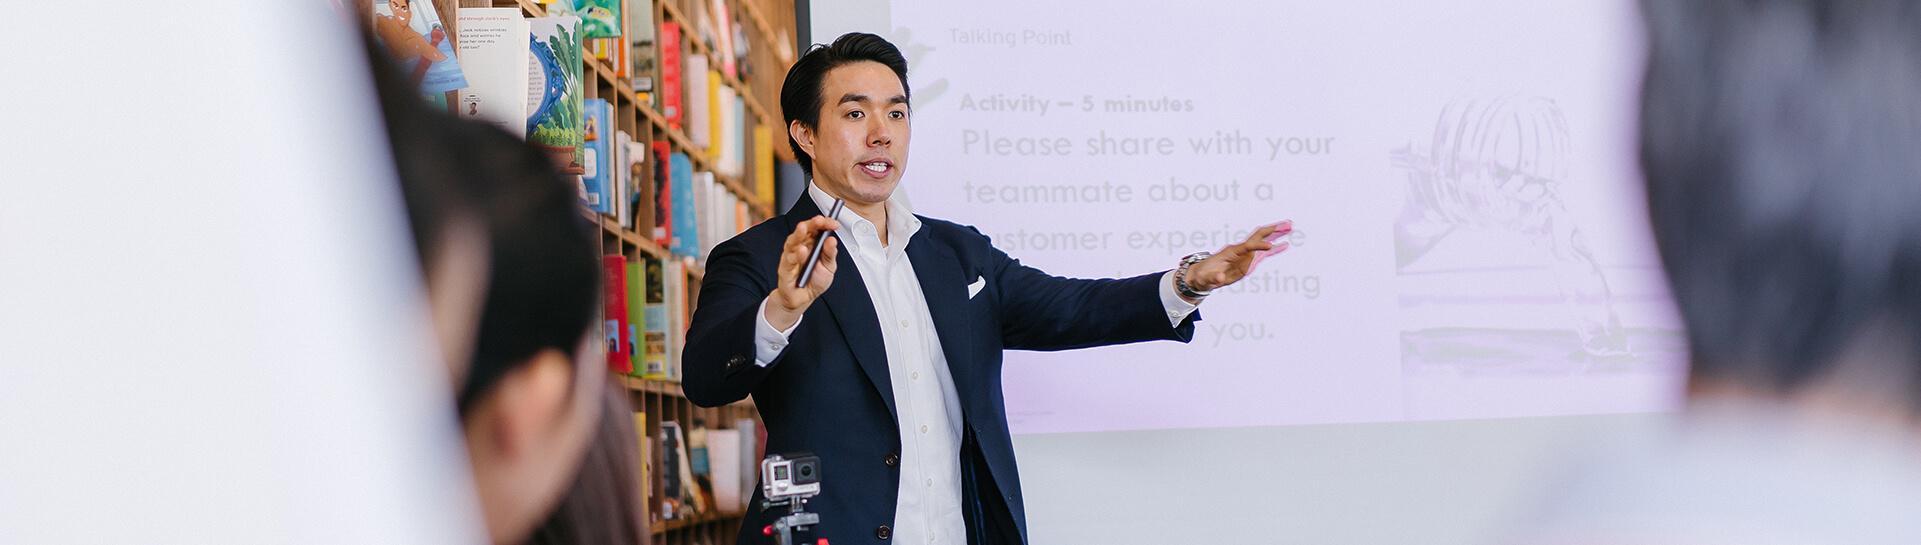 A person giving a speech